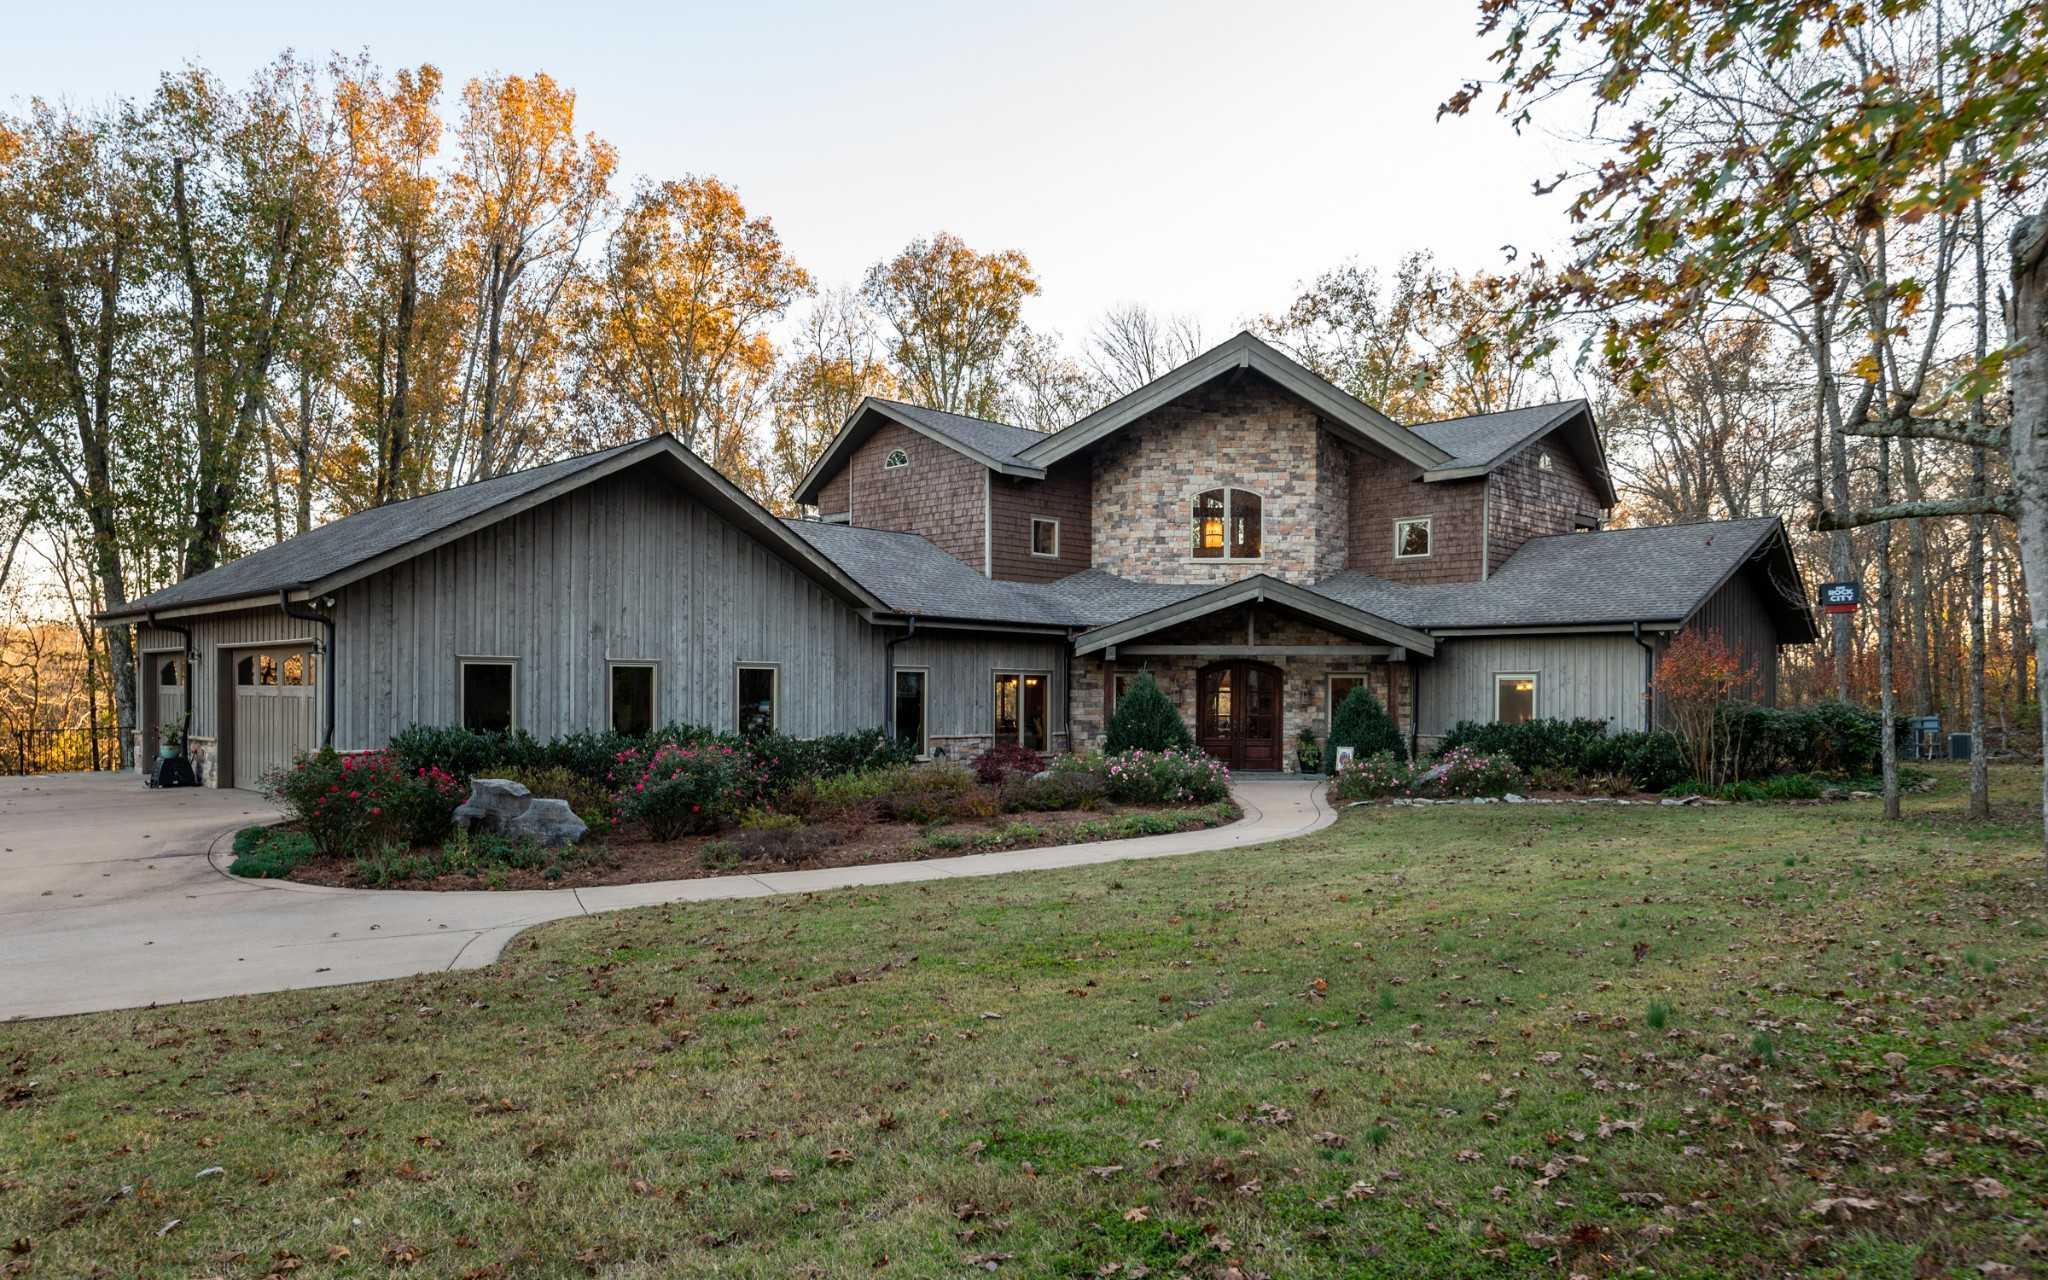 $1,950,000 - 3Br/3Ba -  for Sale in Wolfard Property, Castalian Springs